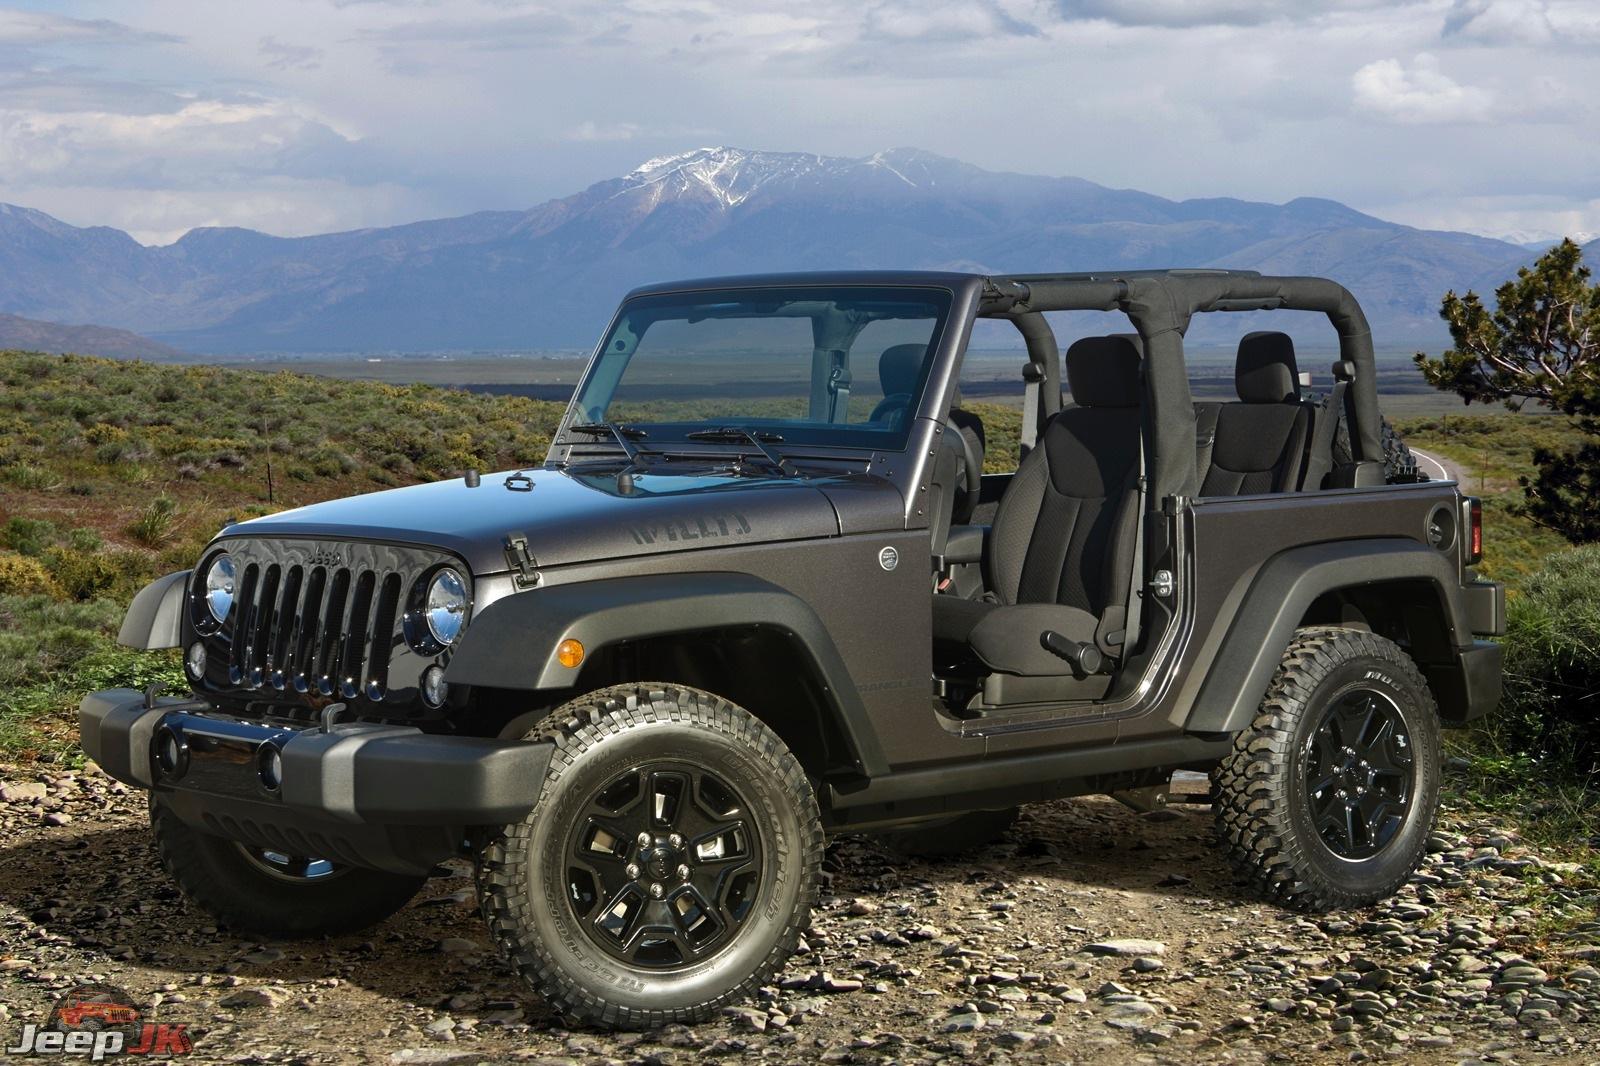 jeep wrangler willys wheeler edition jeep jk. Black Bedroom Furniture Sets. Home Design Ideas